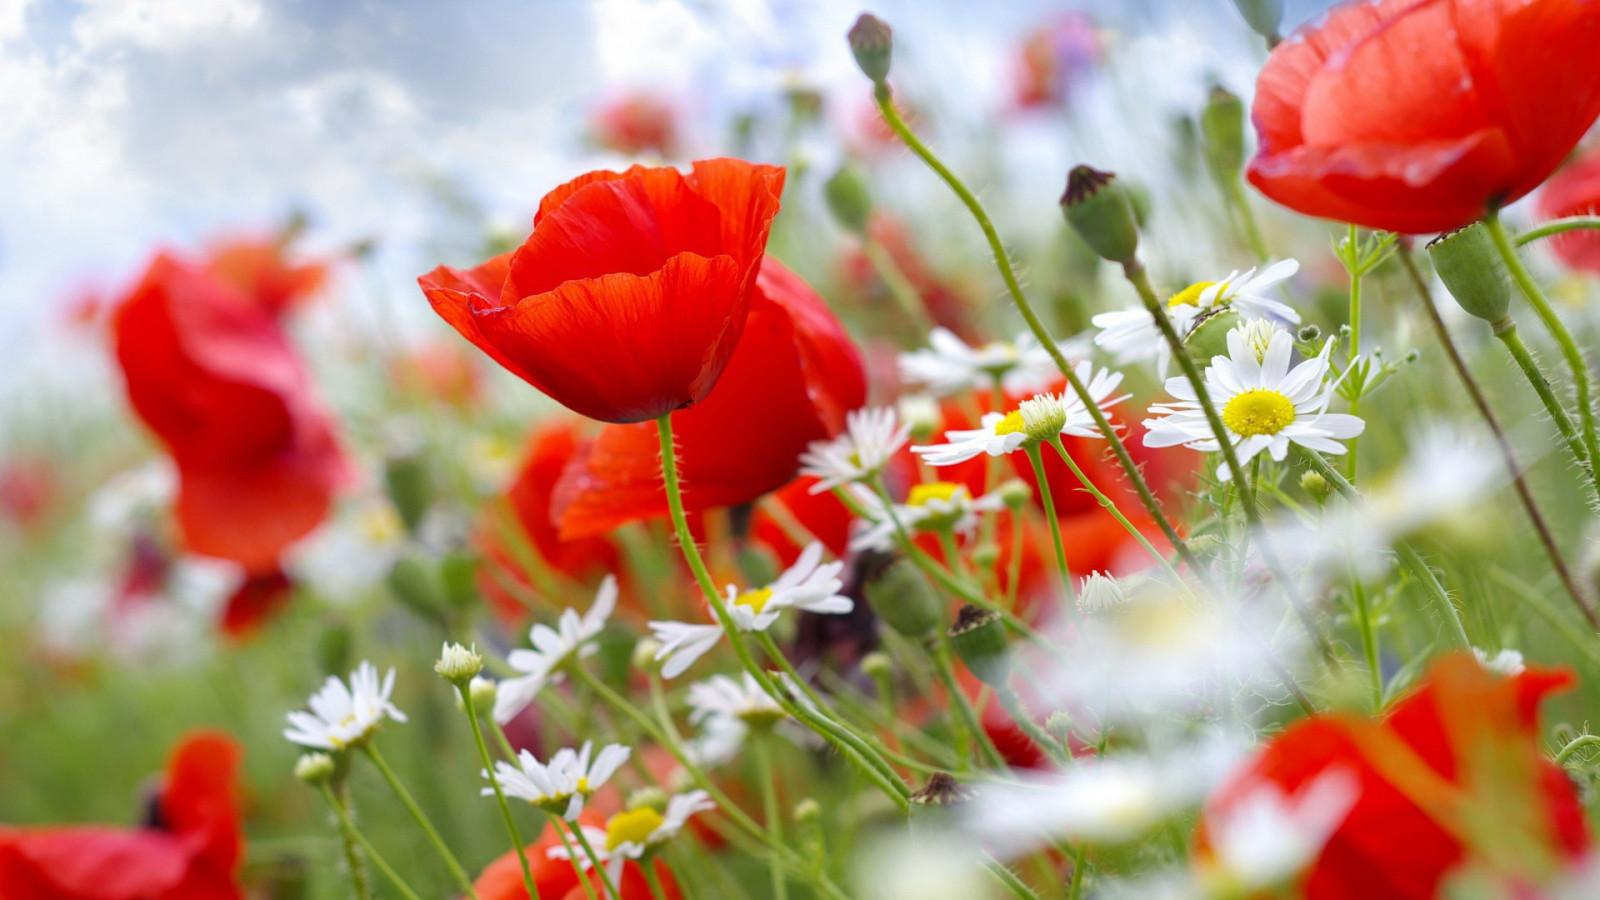 デスクトップ壁紙 フラワーズ 自然 フィールド 赤い花 工場